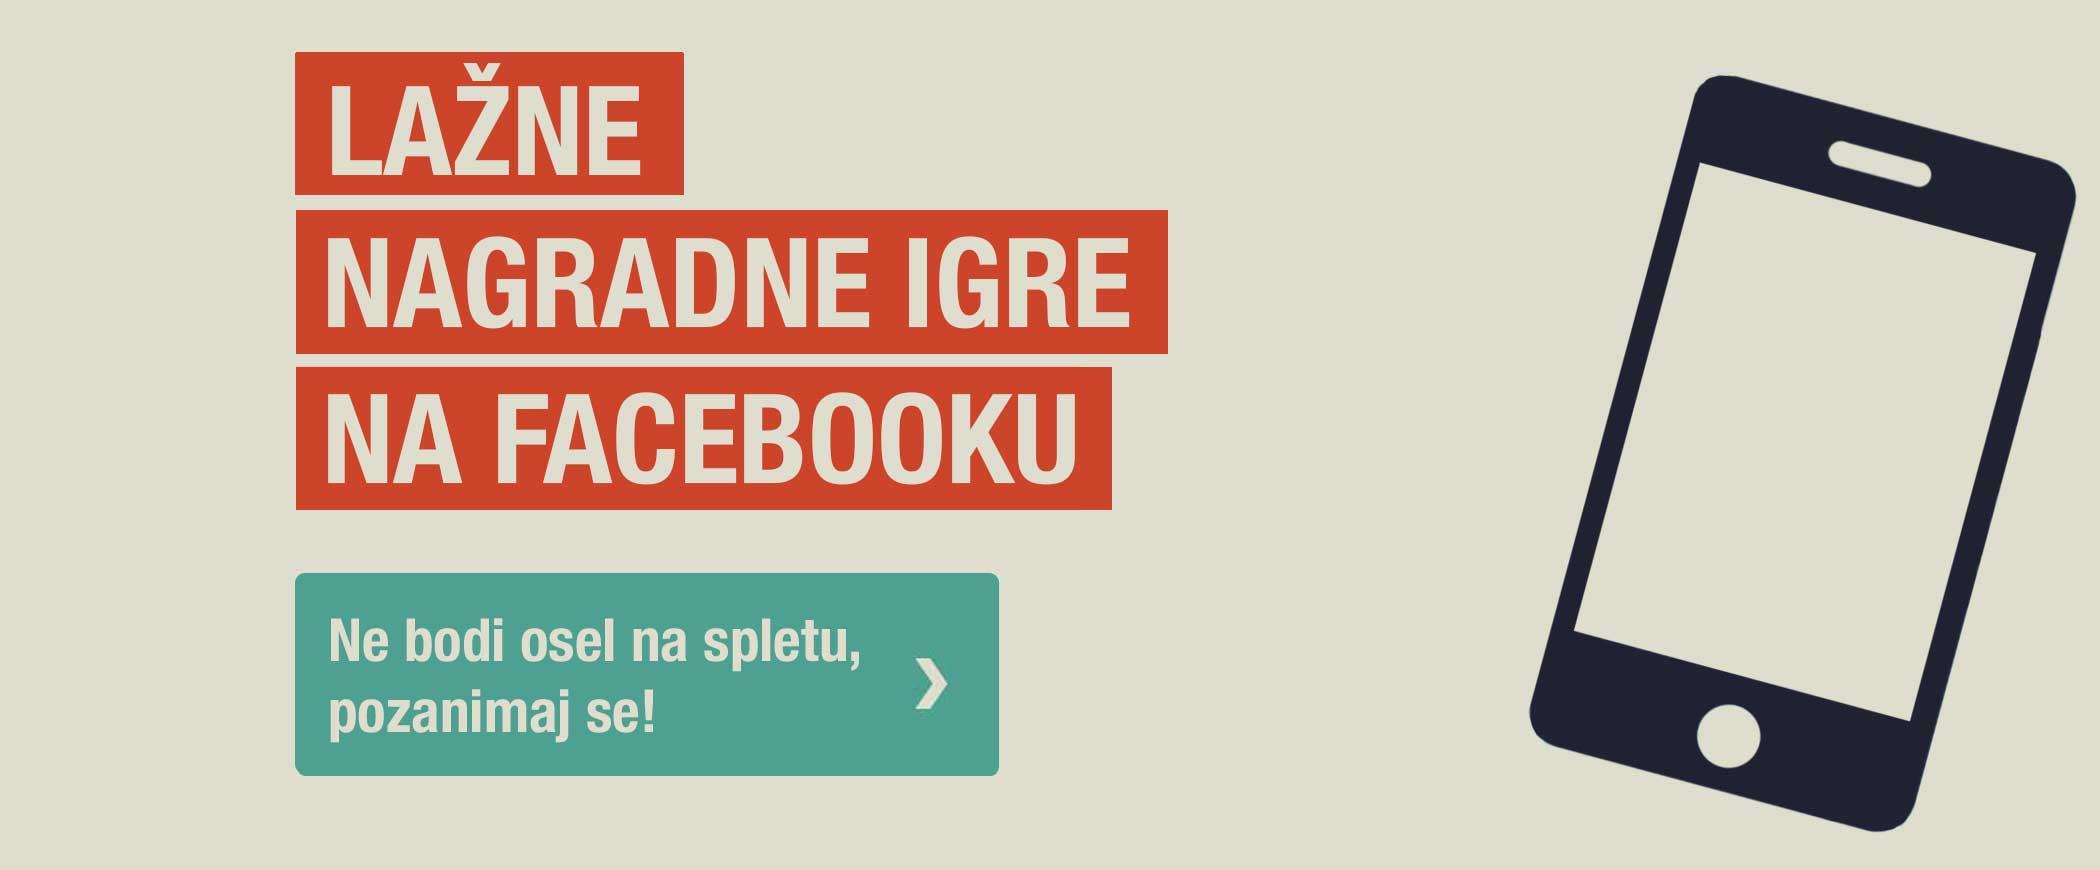 LAZNE-NAGRADNE-IGRE-NA-FB